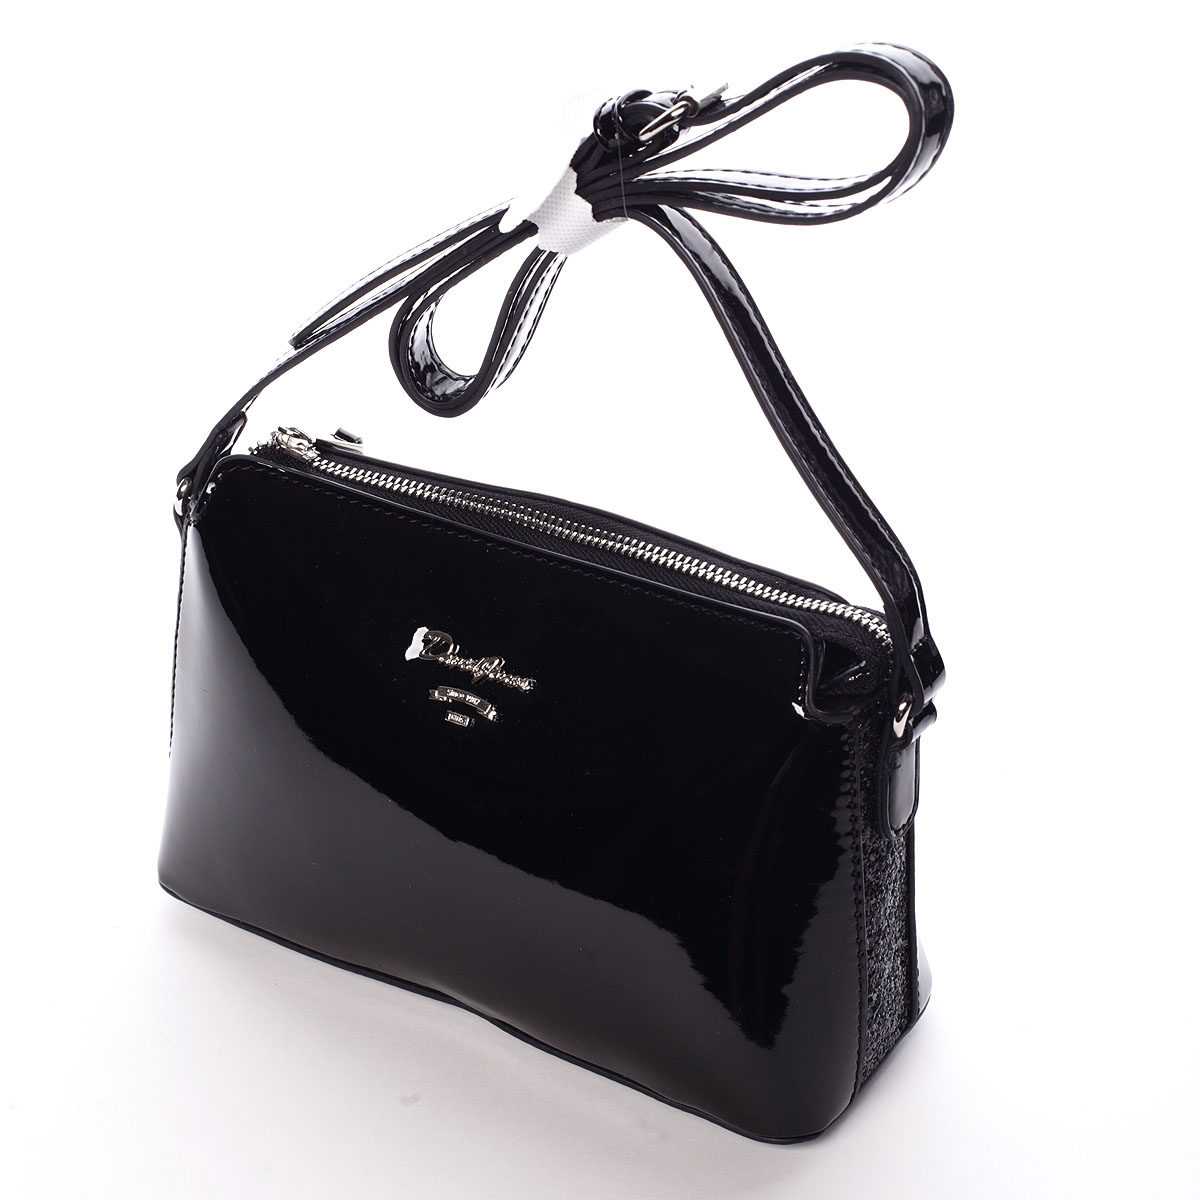 Luxusní dámská lakovaná crossbody kabelka s glitterem černá - David Jones Petrina